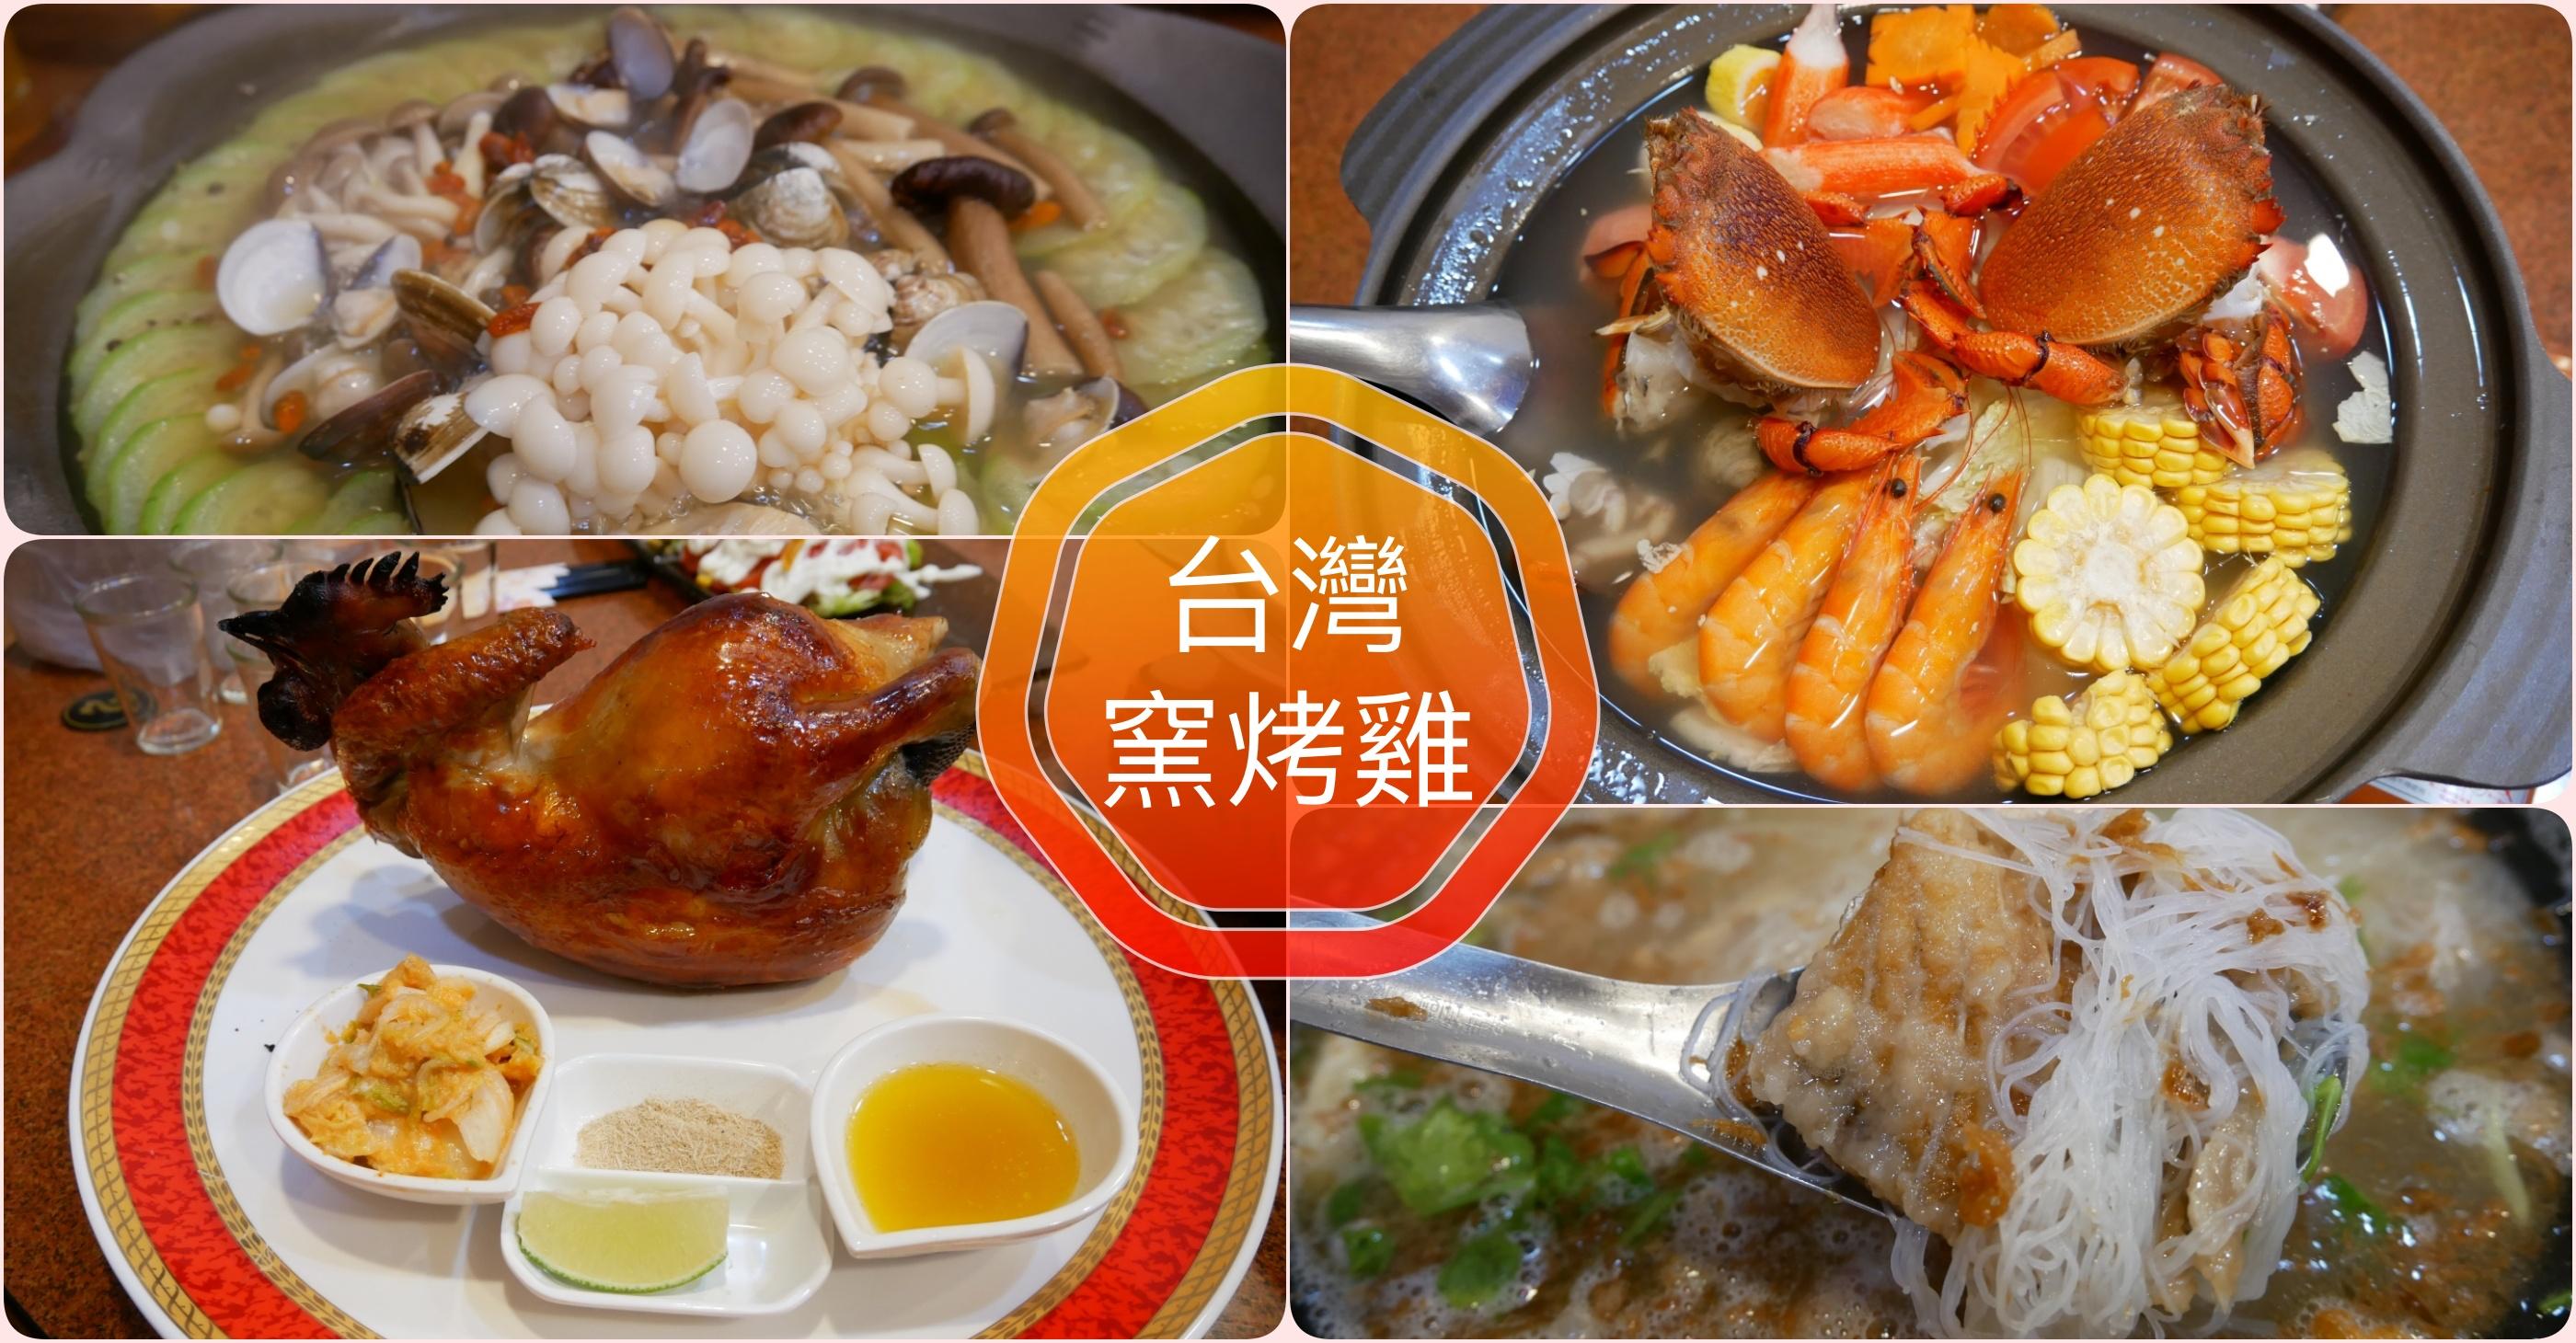 網站近期文章:[桃園美食]台灣窯烤雞|桃鶯路附近新開中式合菜餐廳~雞油拌飯無限享用‧磚窯烤全雞美味滿分